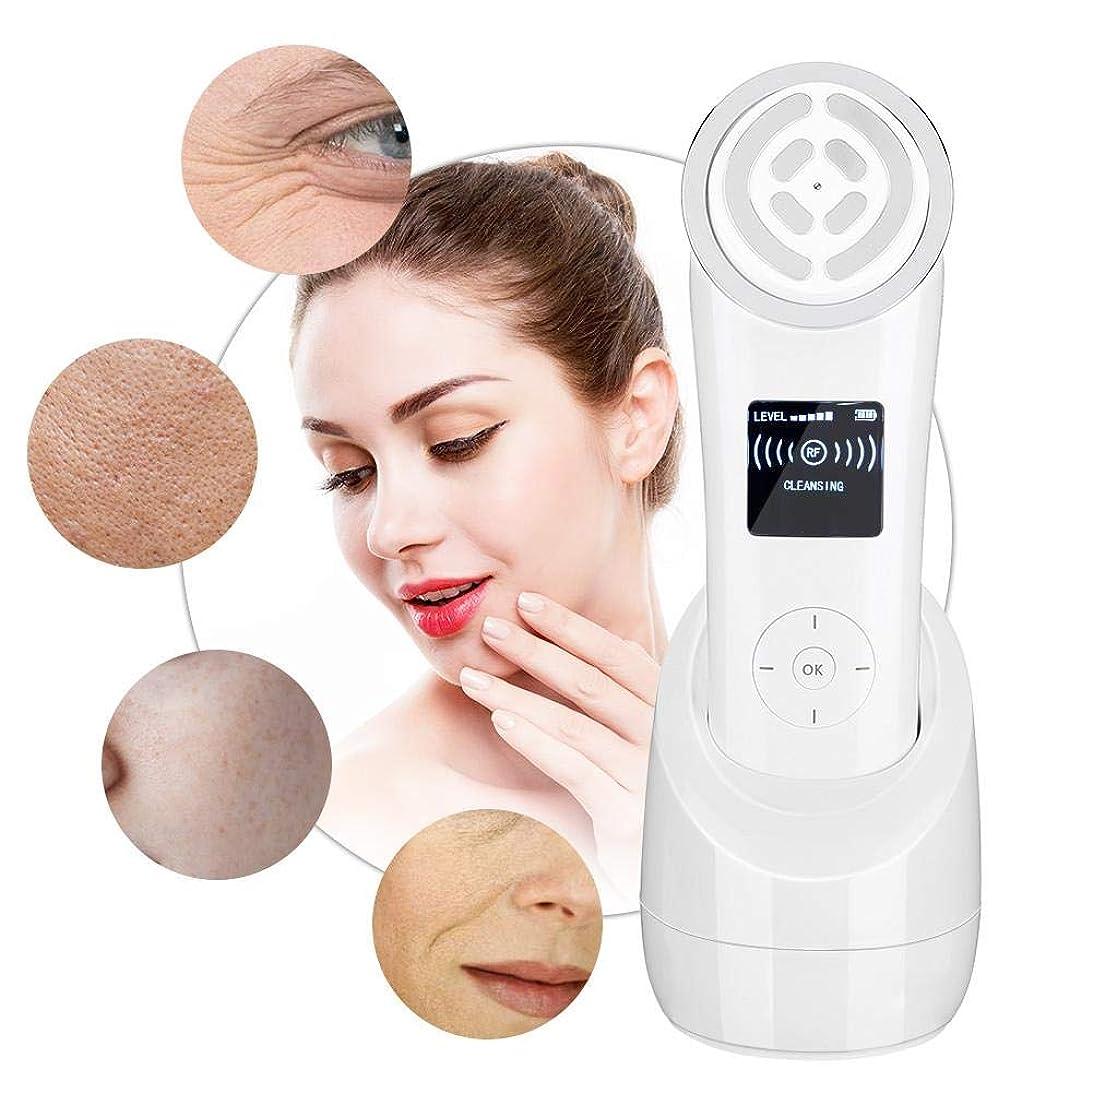 自動化冷える支配する顔の美しさのマシン - RF周波数アンチエイジングアンチリンクル、肌の若返り楽器 - ポータブル若返り肌がEMS筋肉刺激を強化(UE)